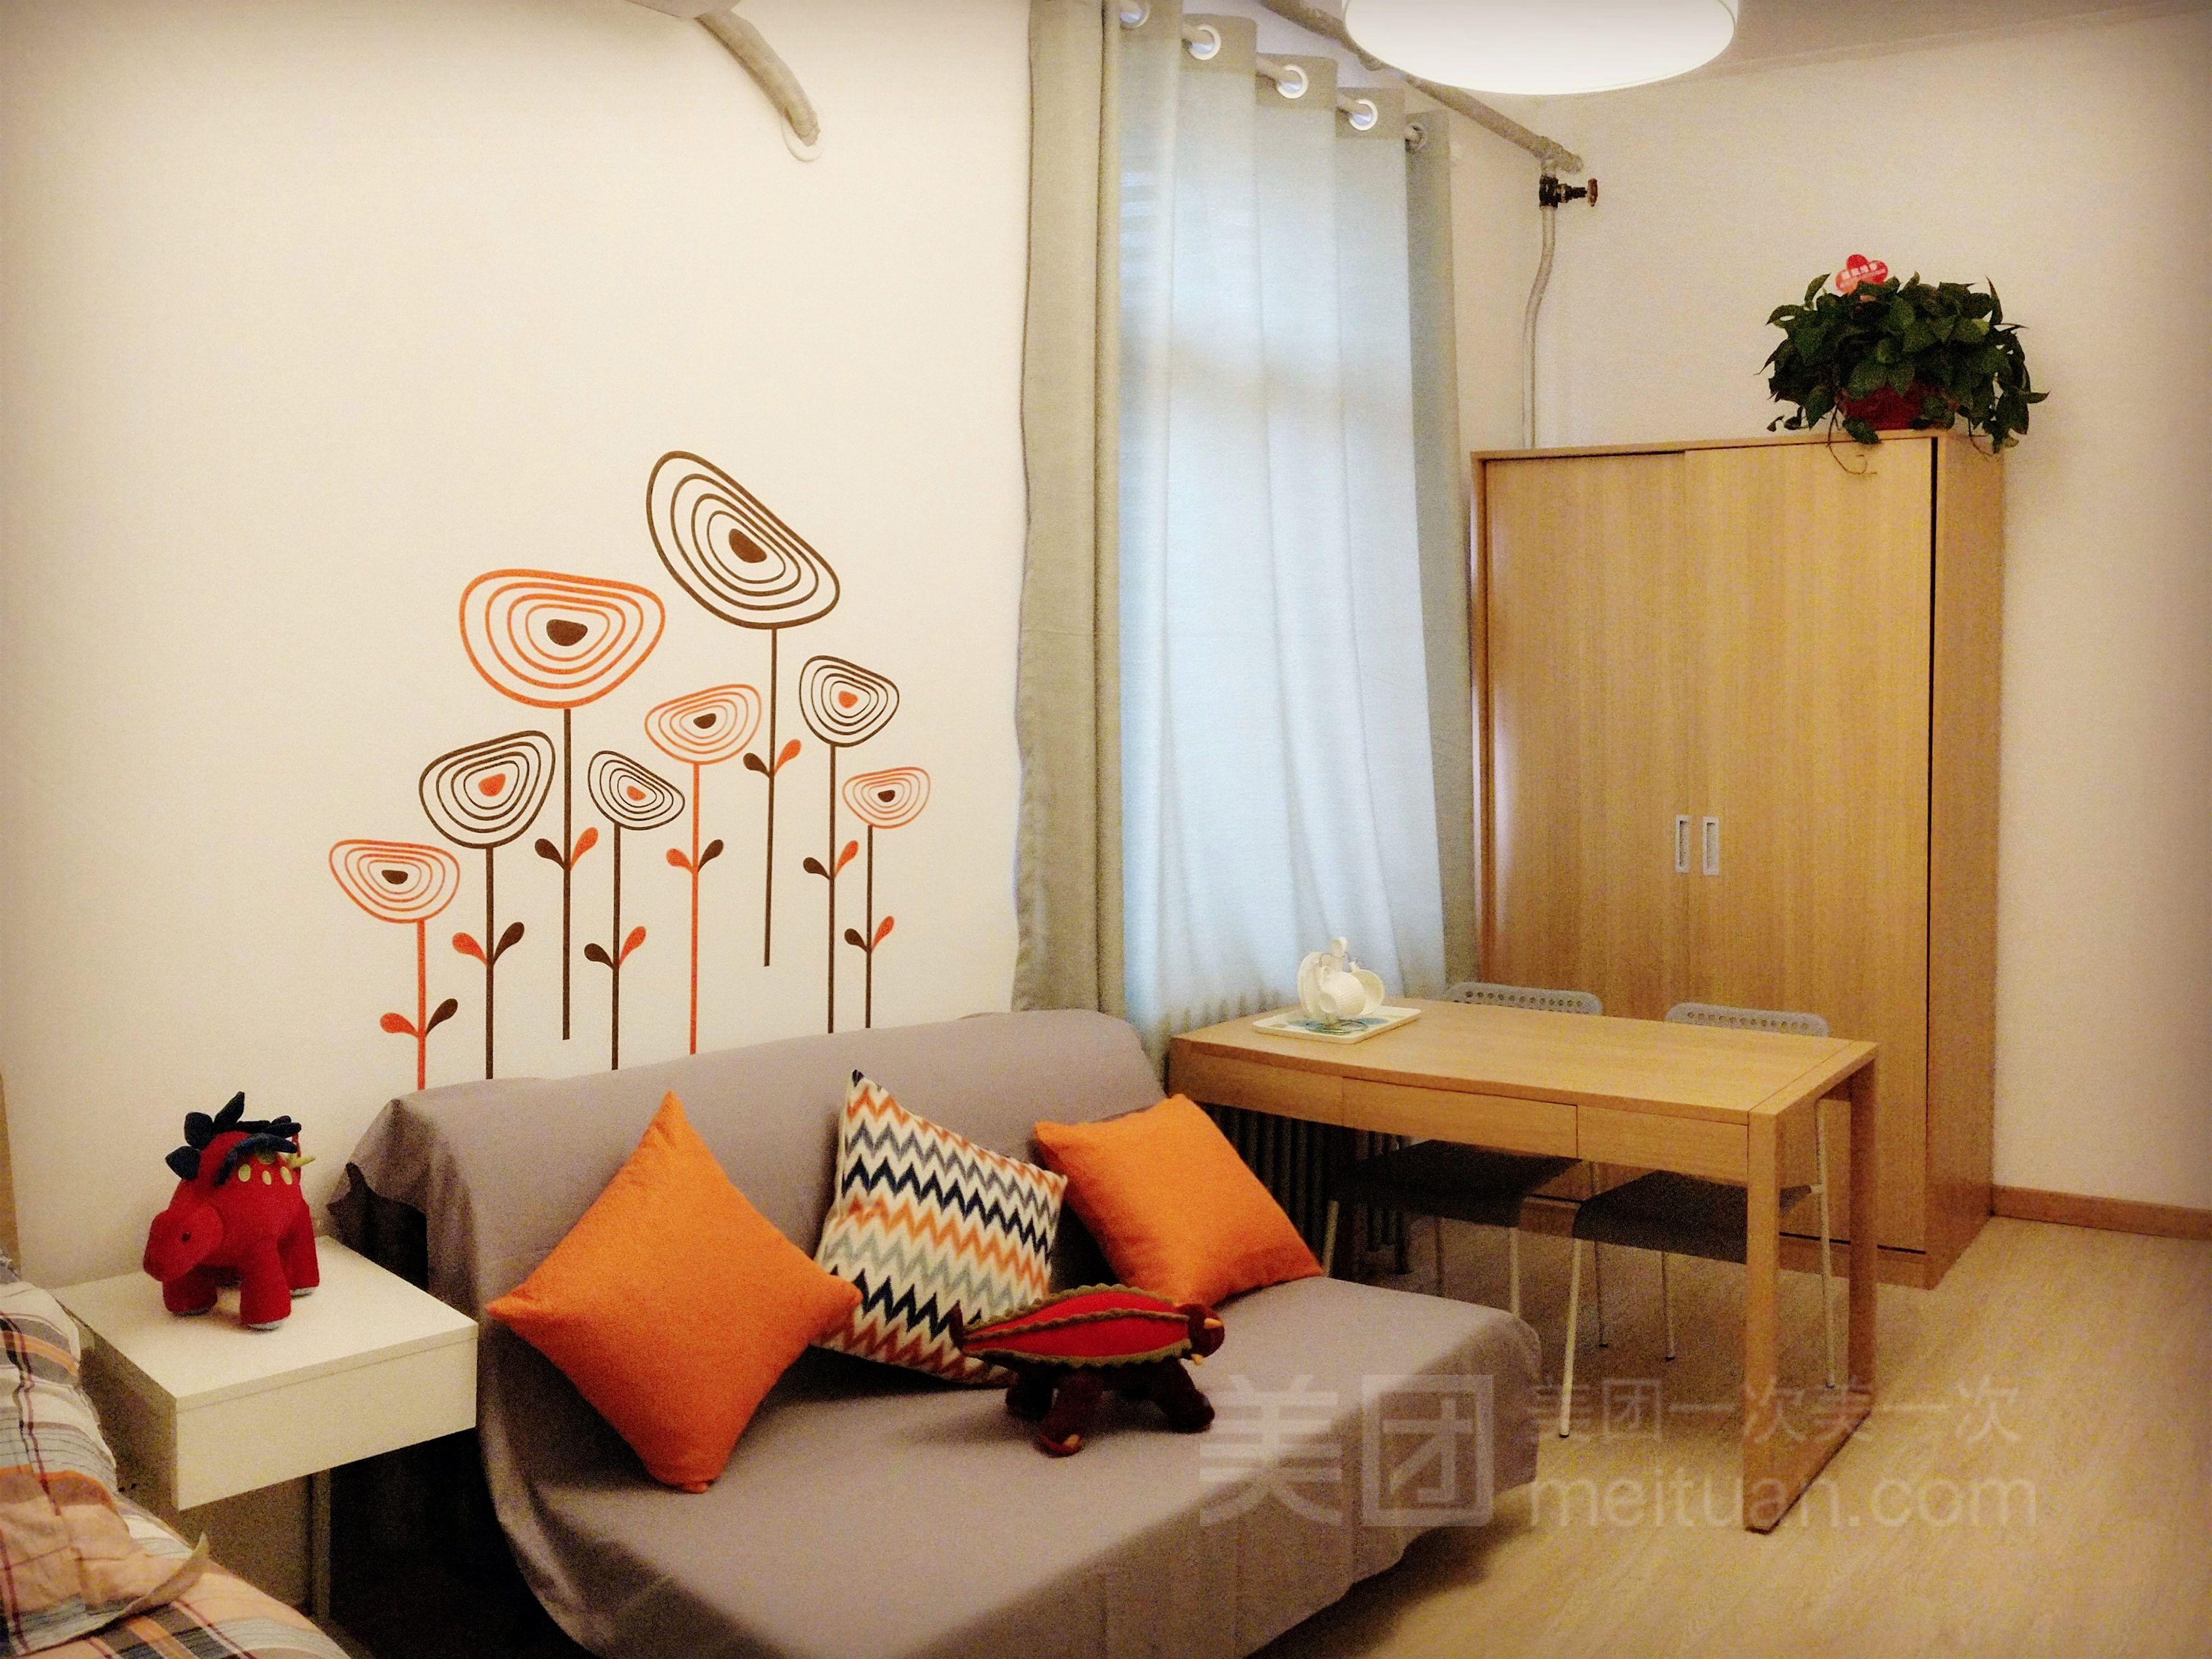 北京儿童医院西客站中央音乐学院暖心民宿两居预订/团购